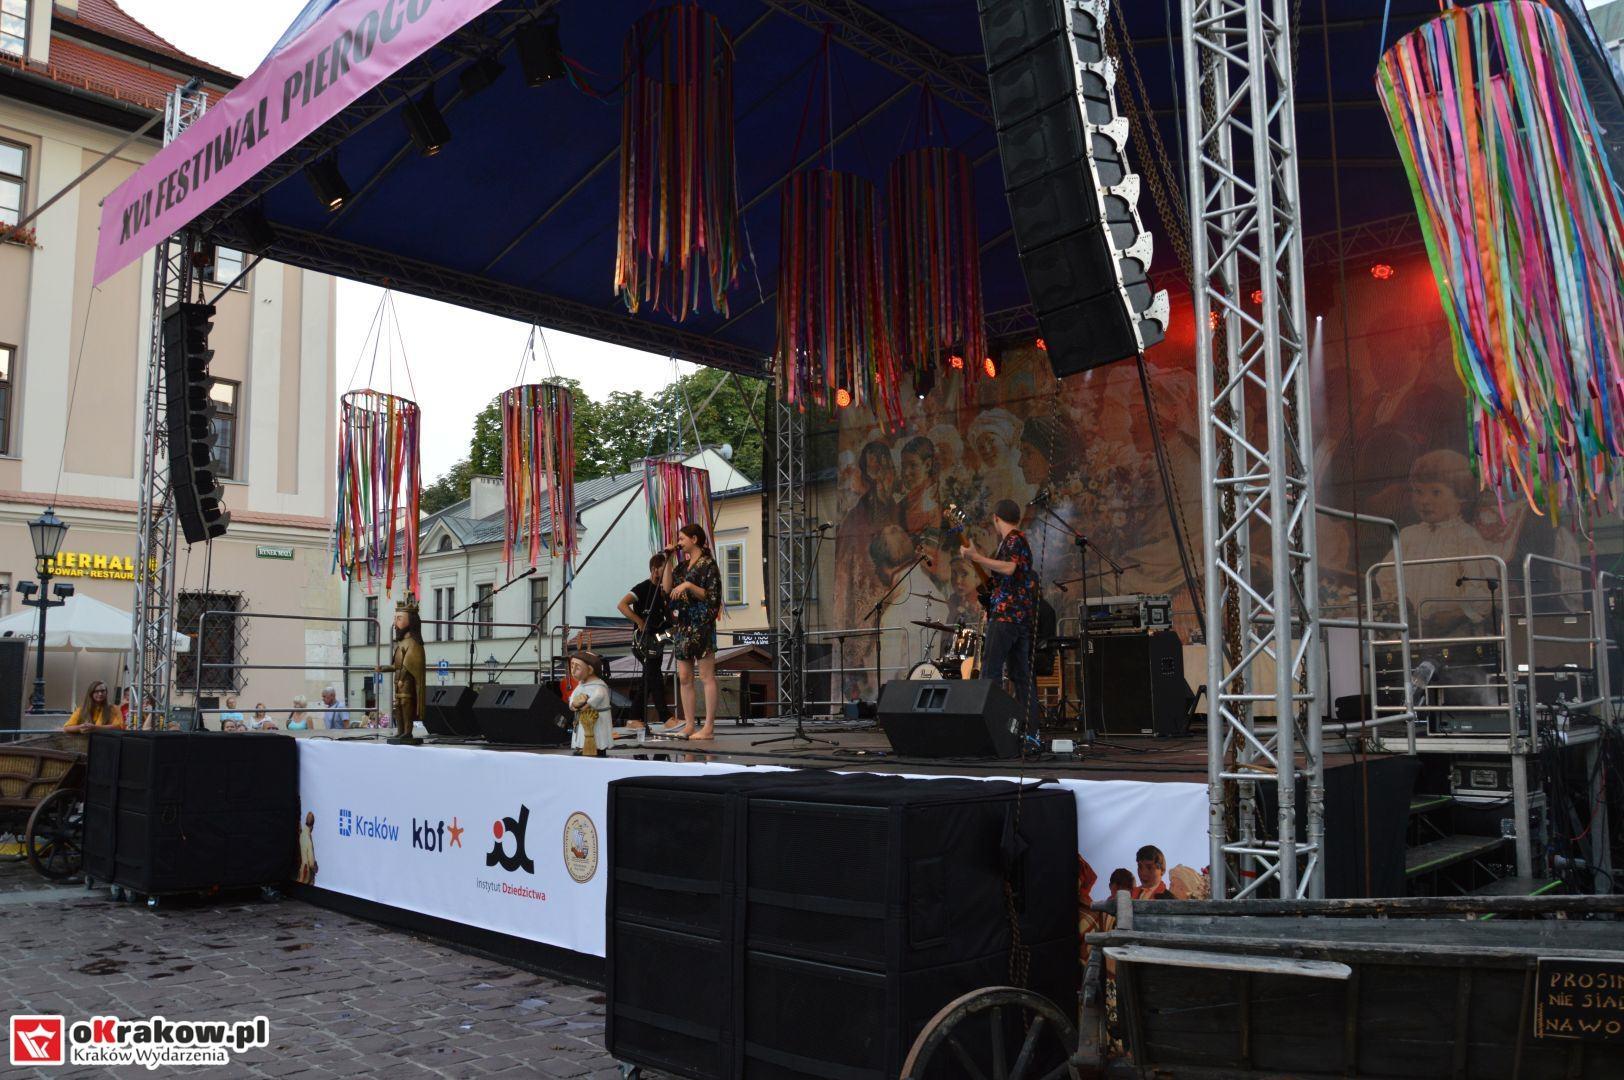 krakow festiwal pierogow maly rynek koncert cheap tobacco 100 150x150 - Galeria zdjęć Festiwal Pierogów Kraków 2018 + zdjęcia z koncertu Cheap Tobacco